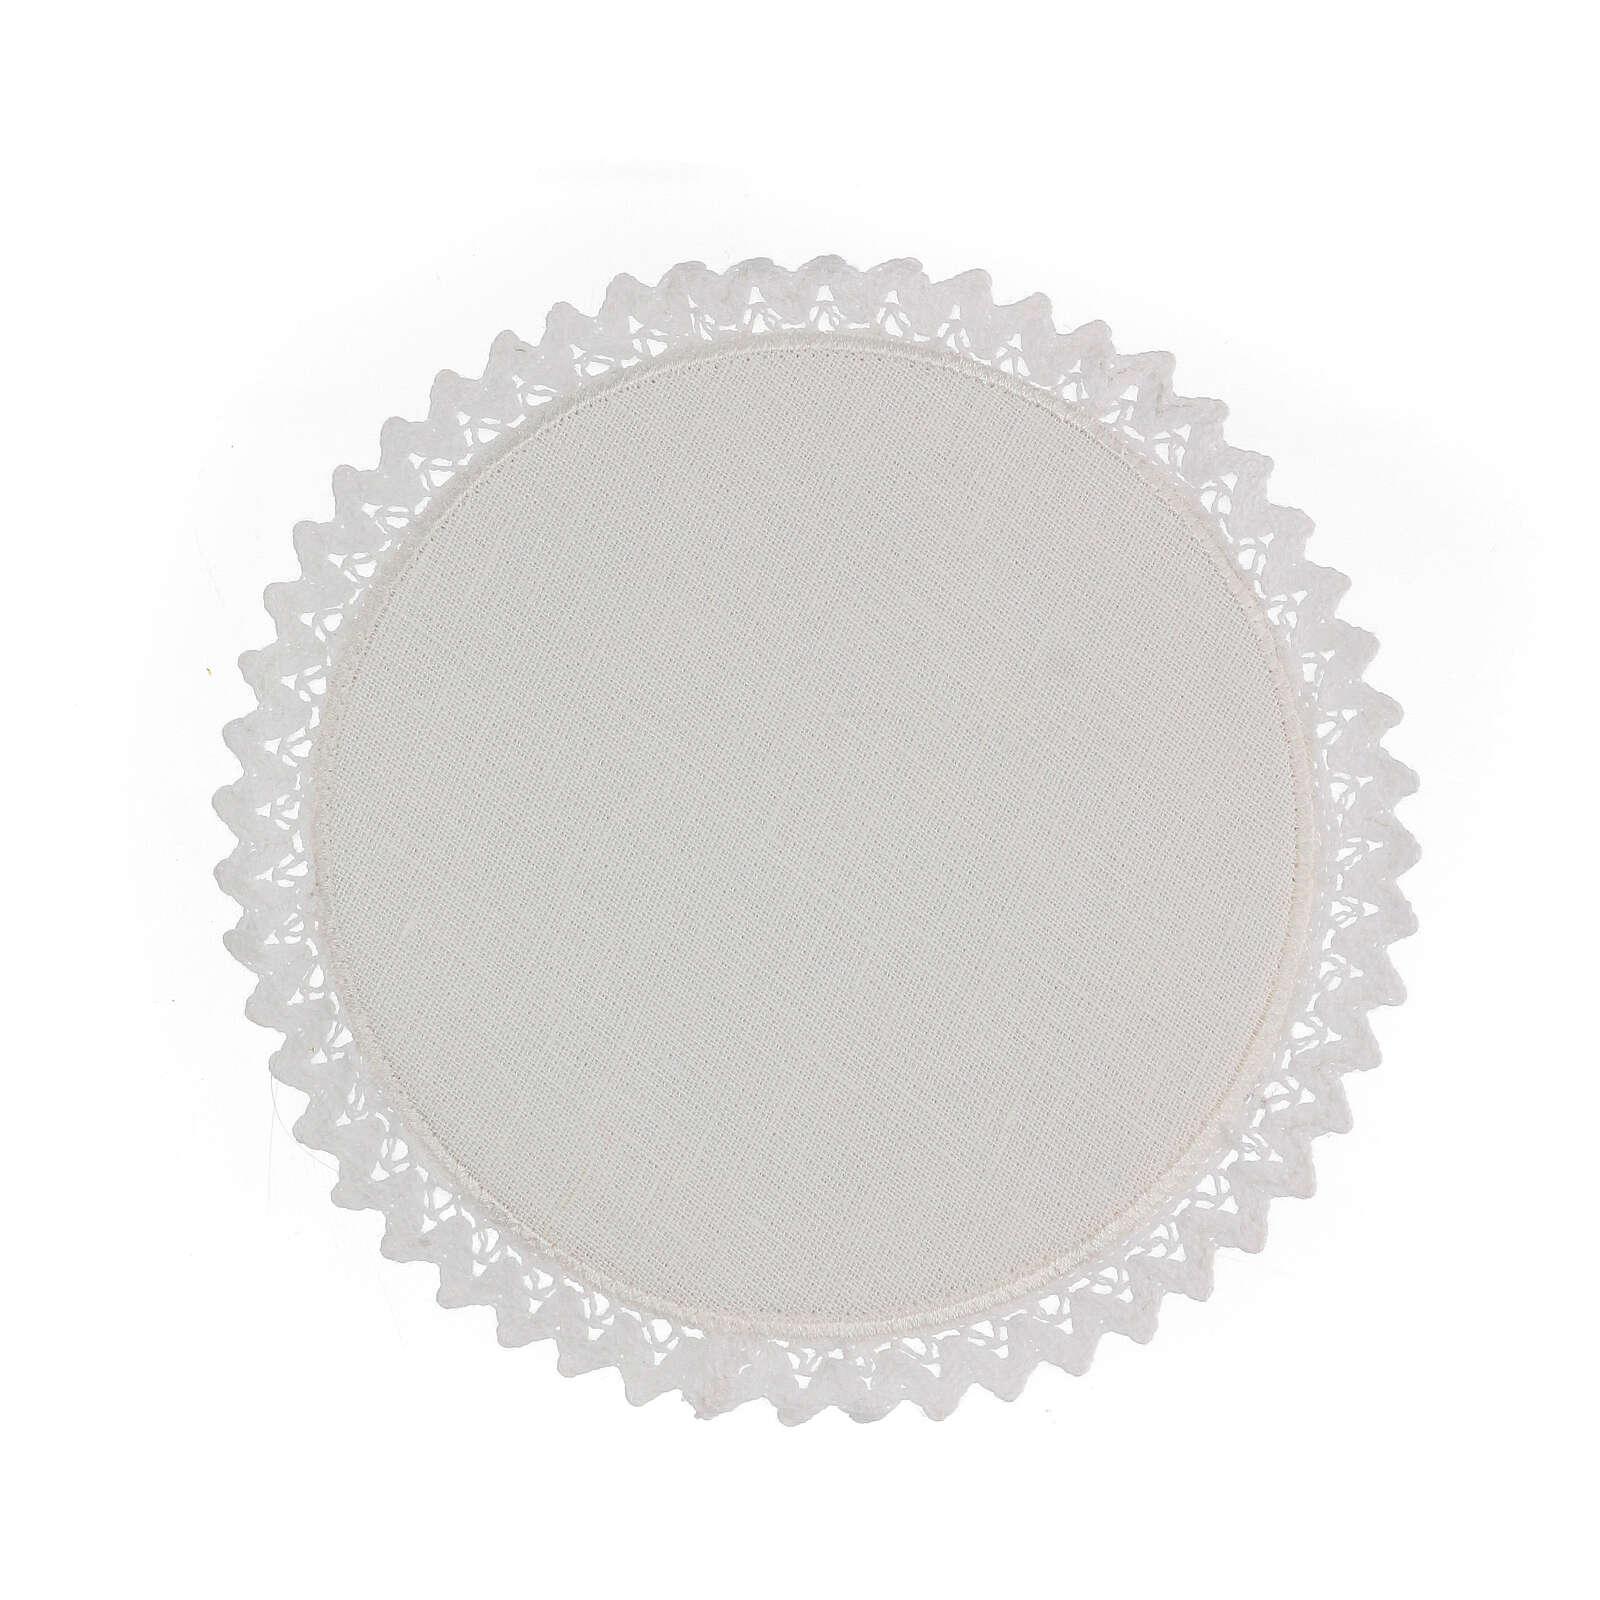 Servizio messa 4 pz. 100% LINO tondo ricami decori blu argento Limited Edition 4